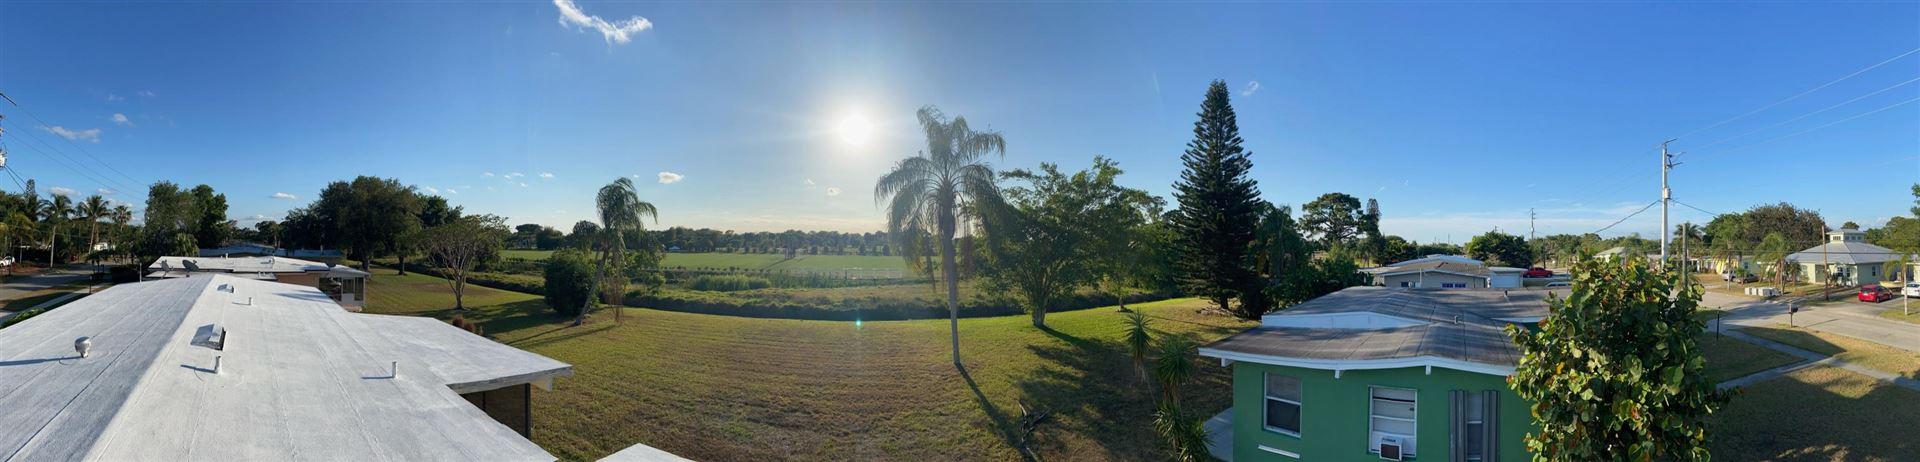 Photo of 3280 SE Monte Vista Street, Port Saint Lucie, FL 34952 (MLS # RX-10709767)